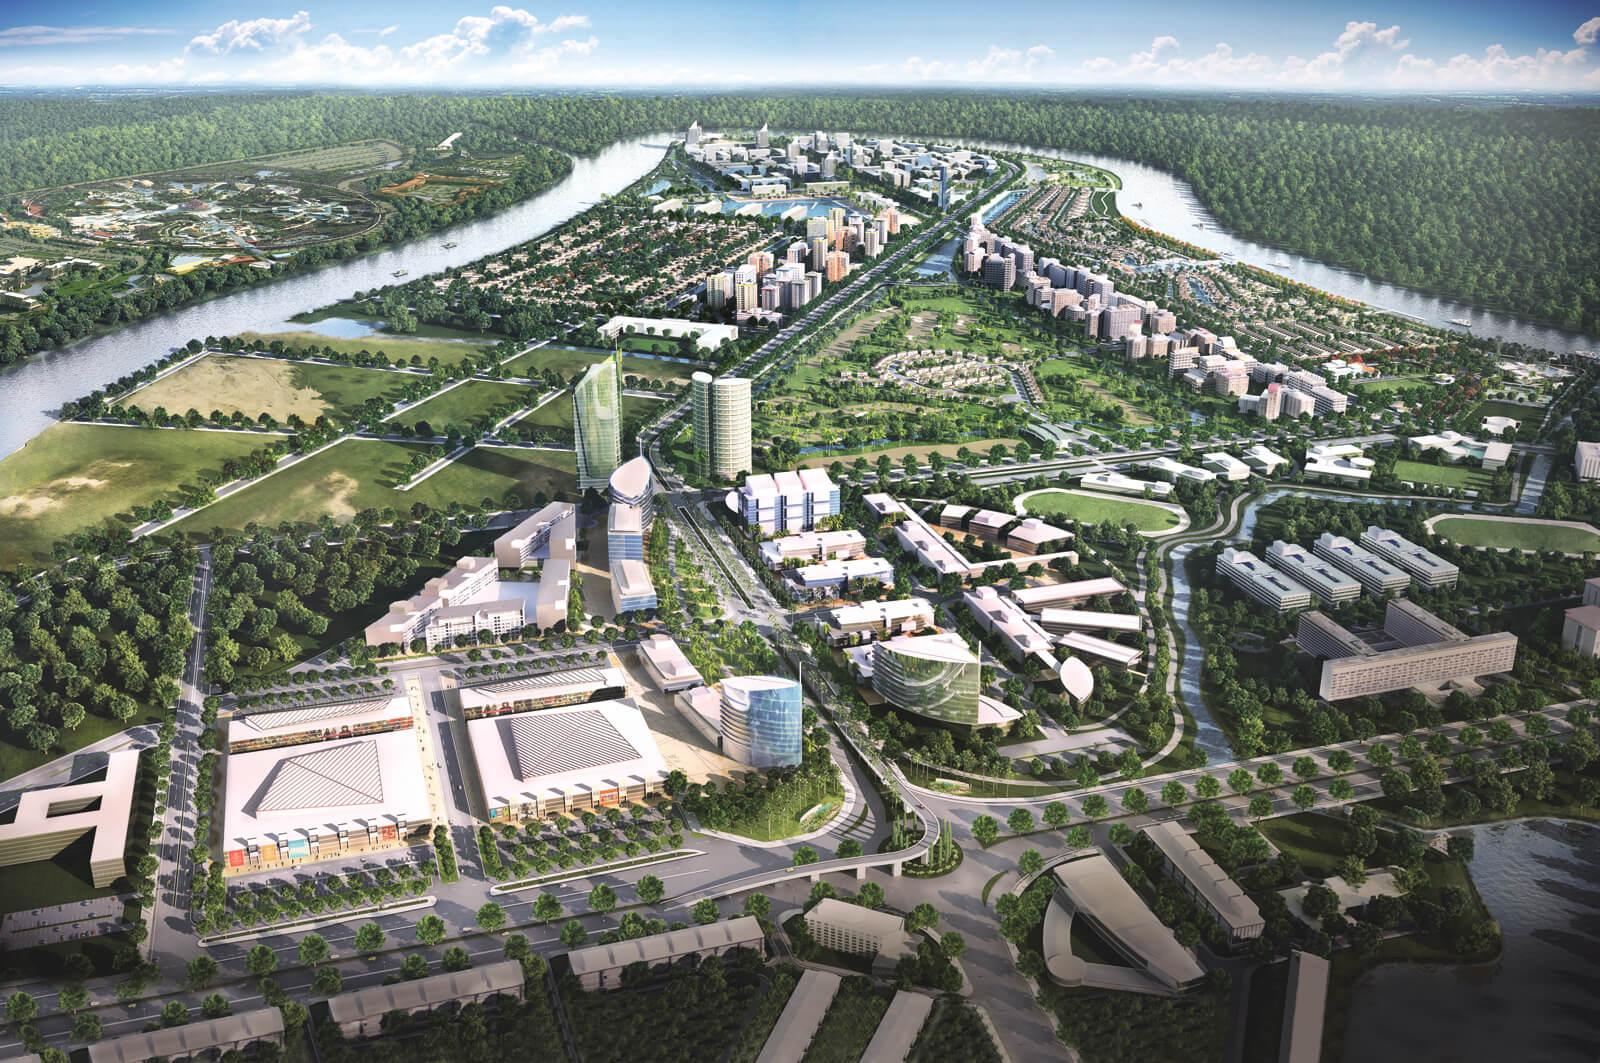 Phối cảnh dự án Waterpoint Long An do CĐT Nam Long phát triển.